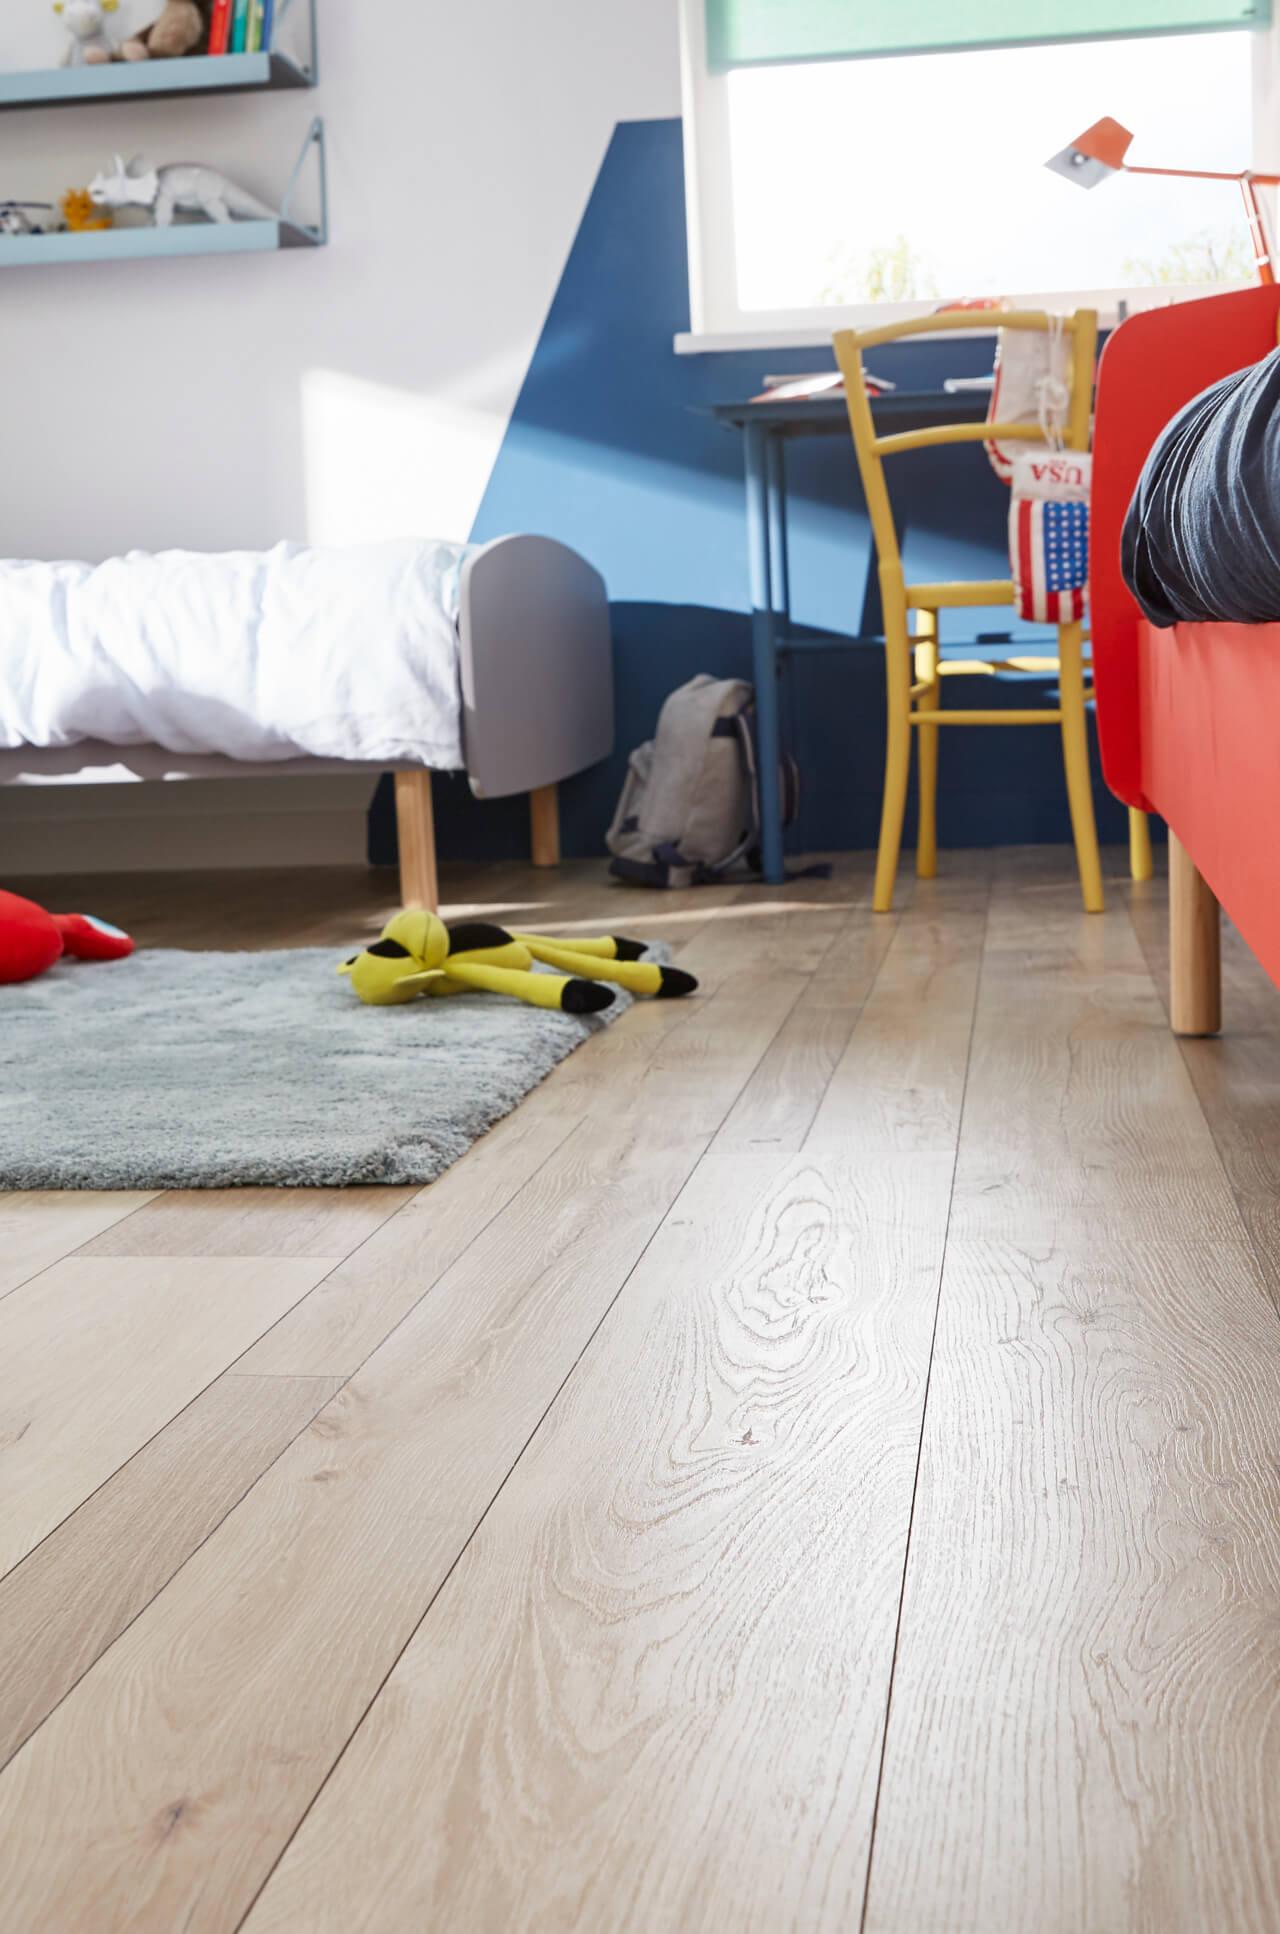 Image_text_1_une-chambre-pour-2-enfants-comment-bien-lamenager